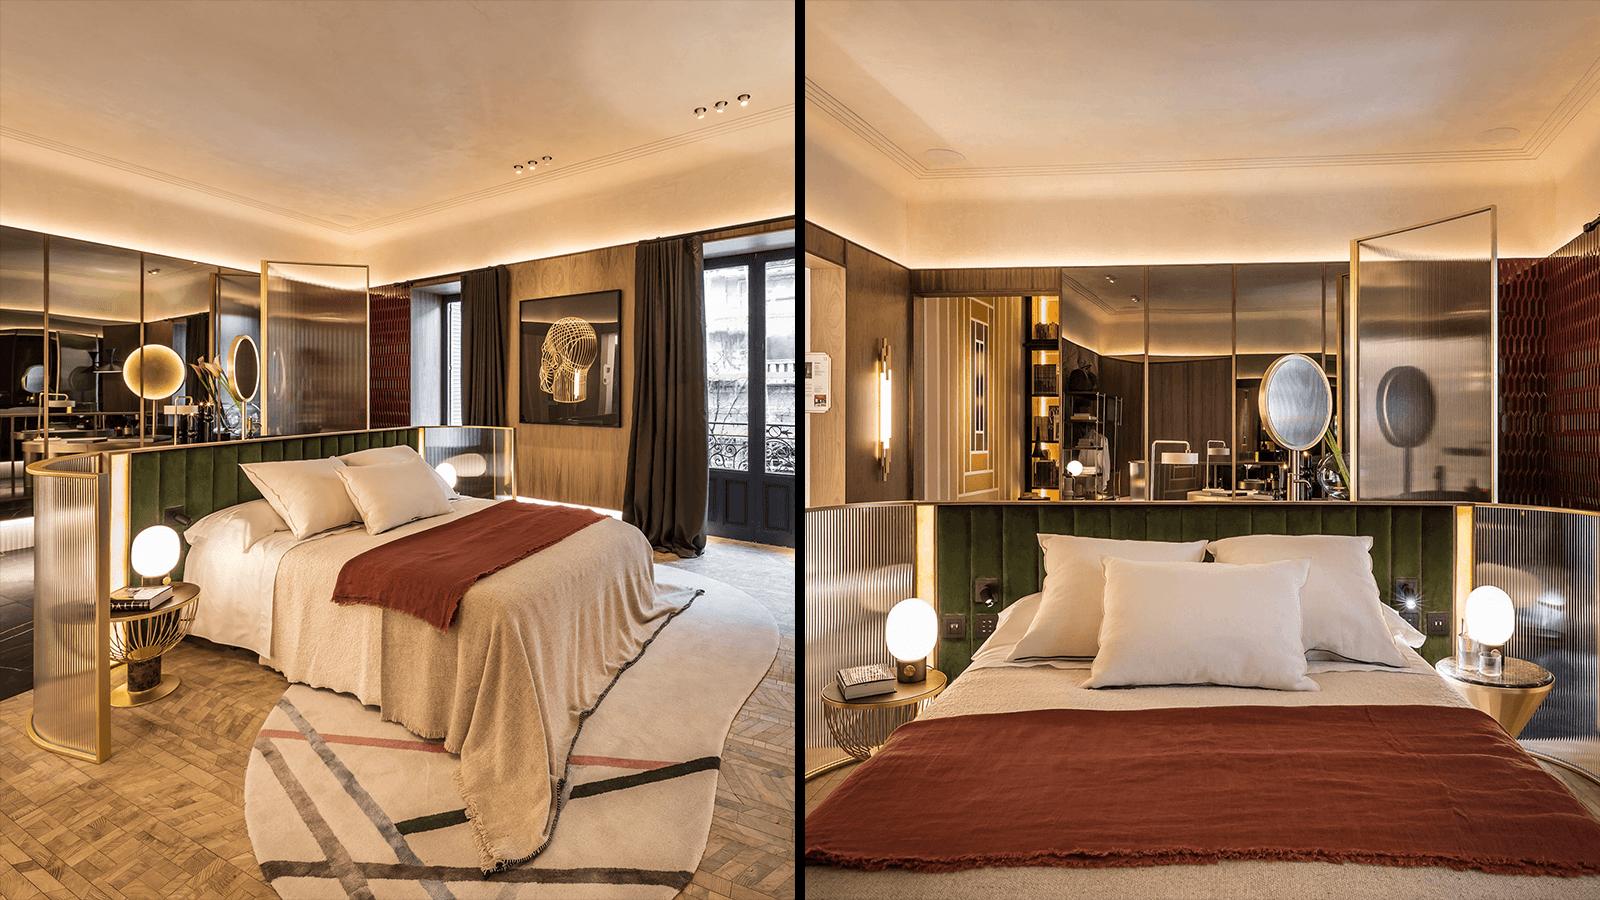 Bett mit Glaseinfassung in der Luxus-Hotelsuite für die Casa Decor.